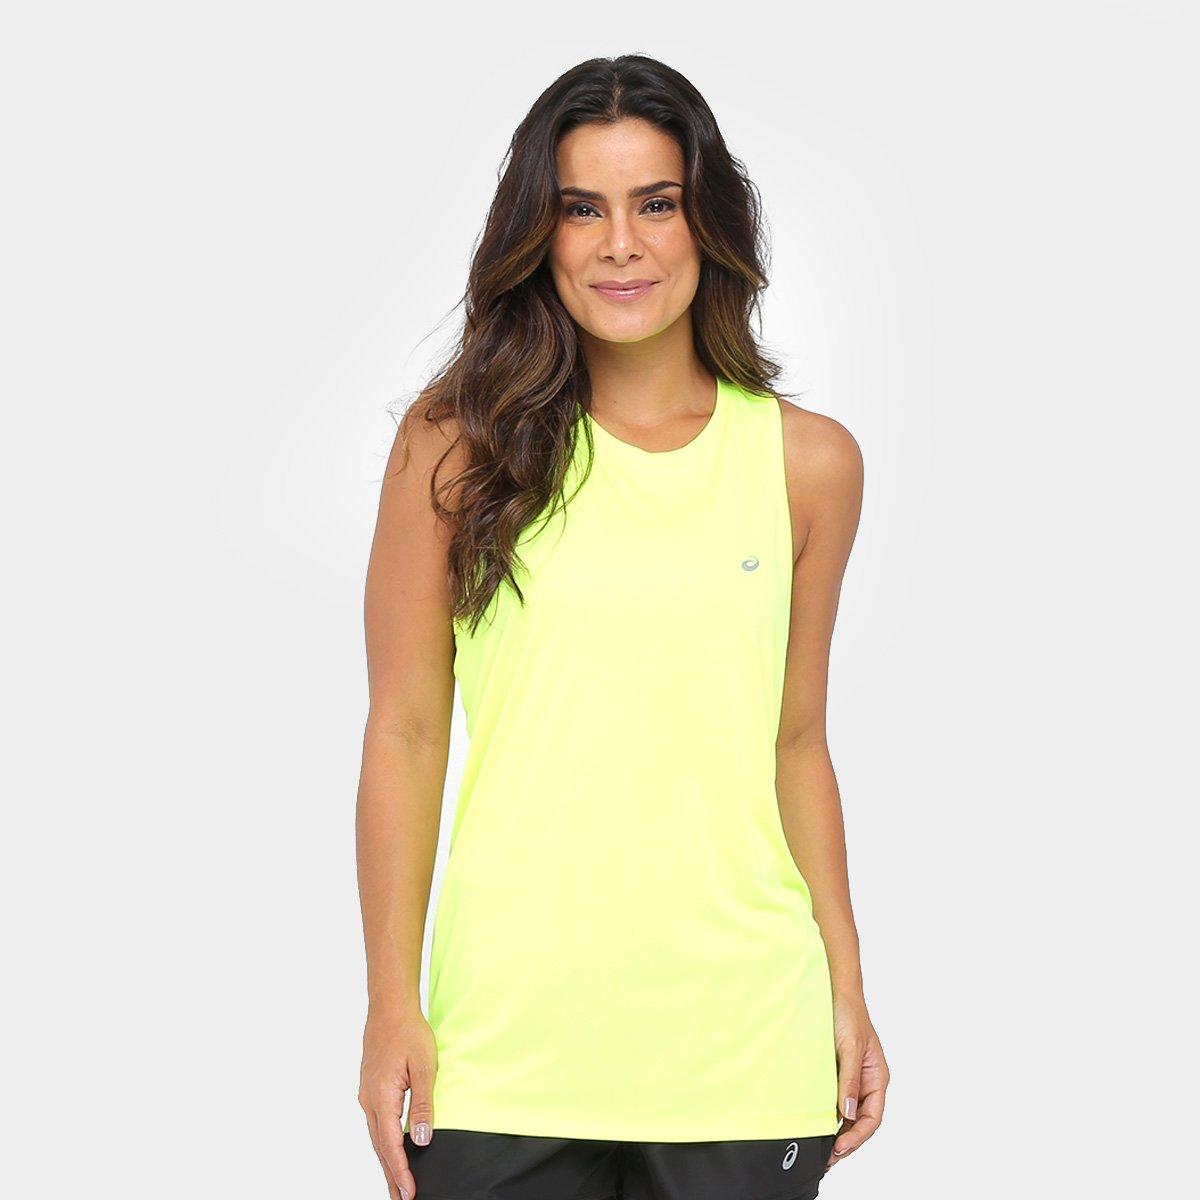 d915e4cfcde Regata Asics Core Pes I Feminina - Verde Limão - Compre Agora